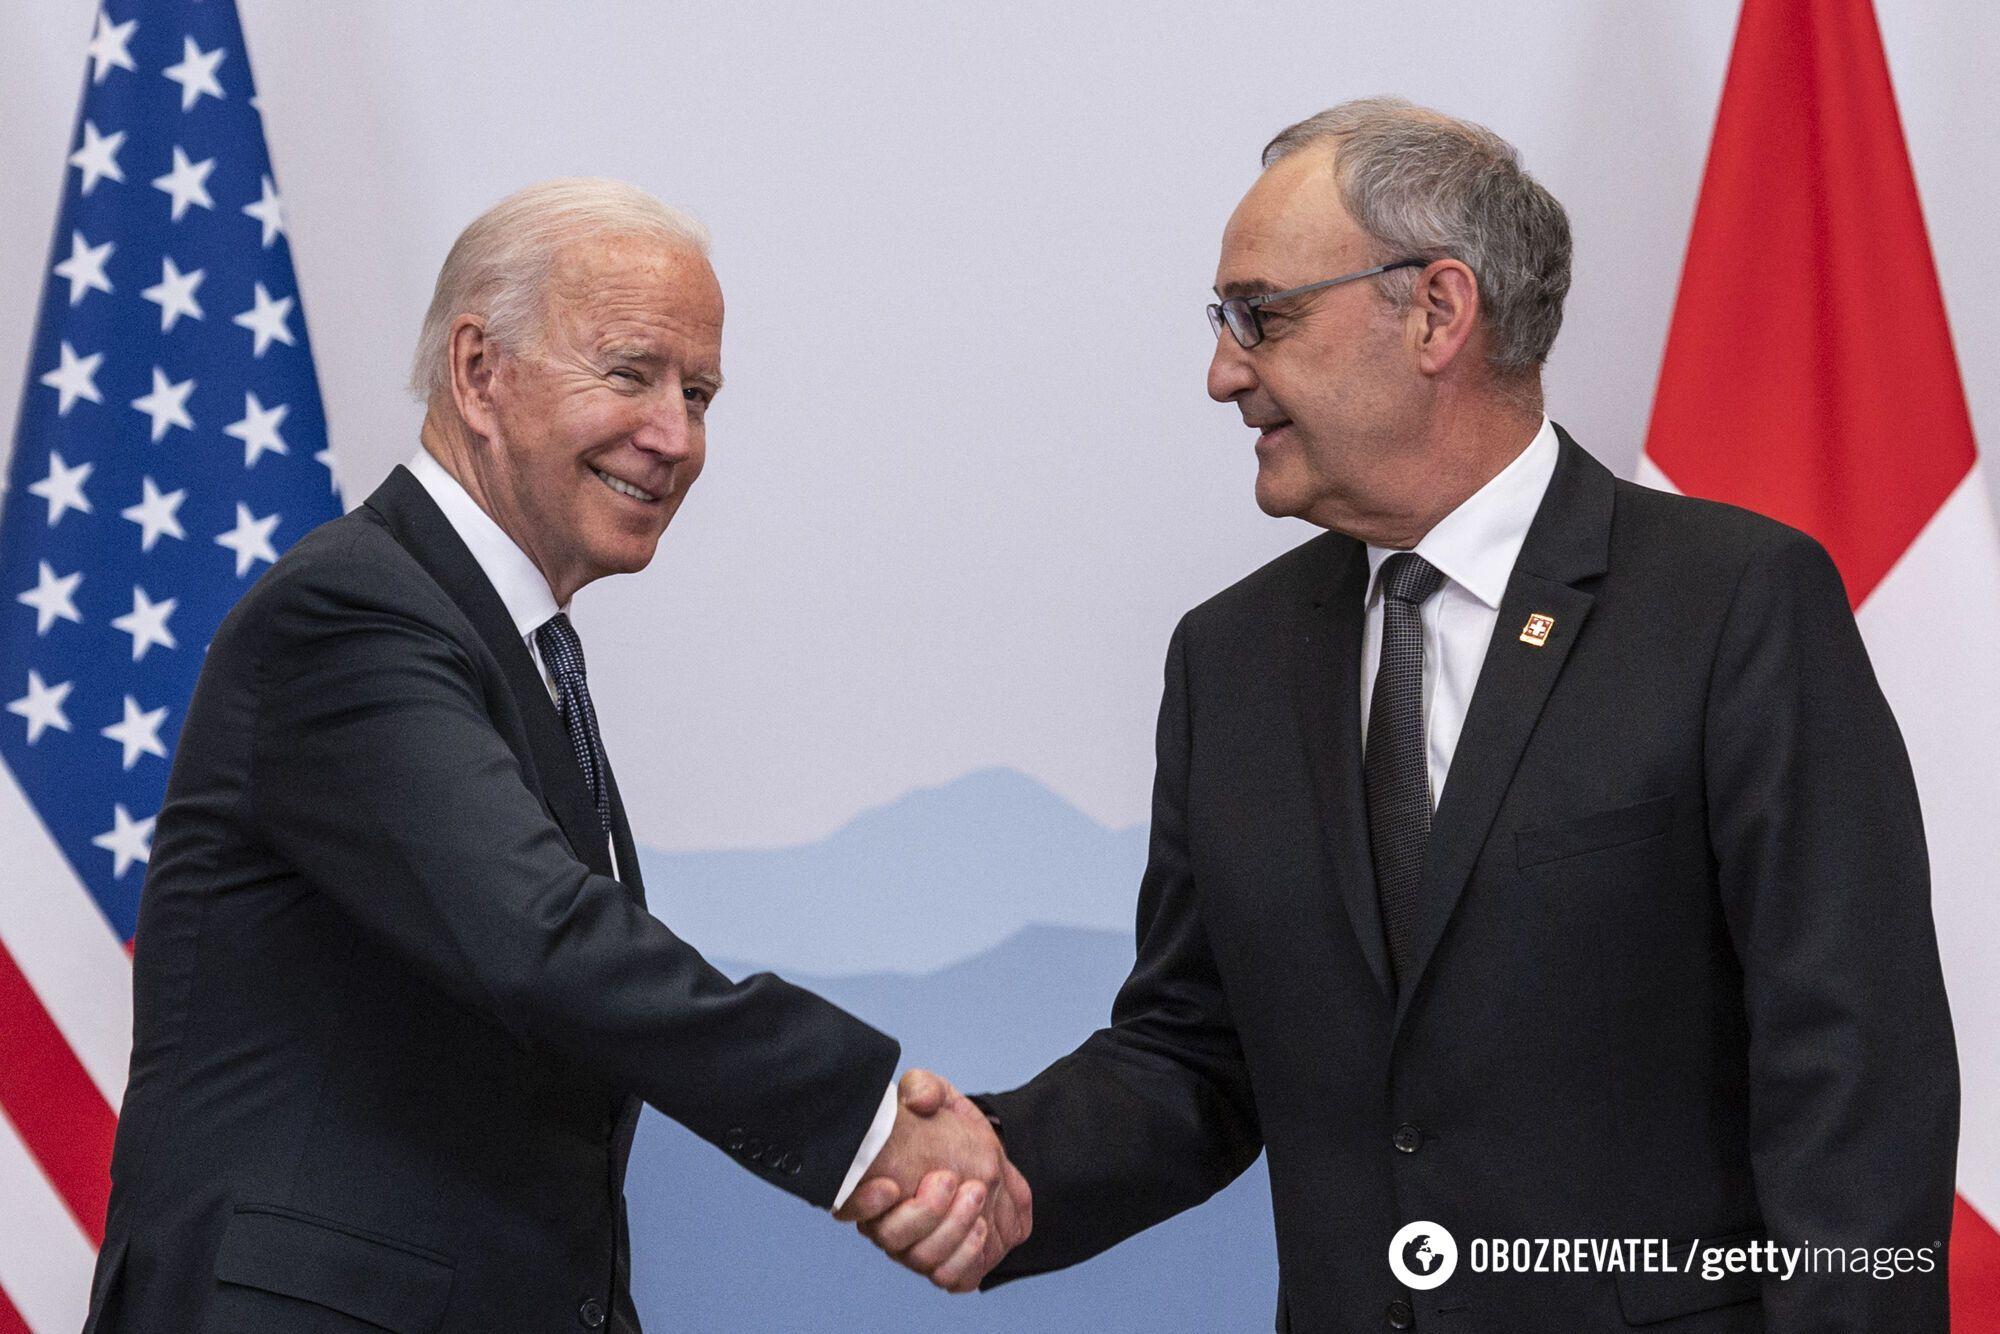 Джо Байден та Гі Пармелен зустрілися перед самітом